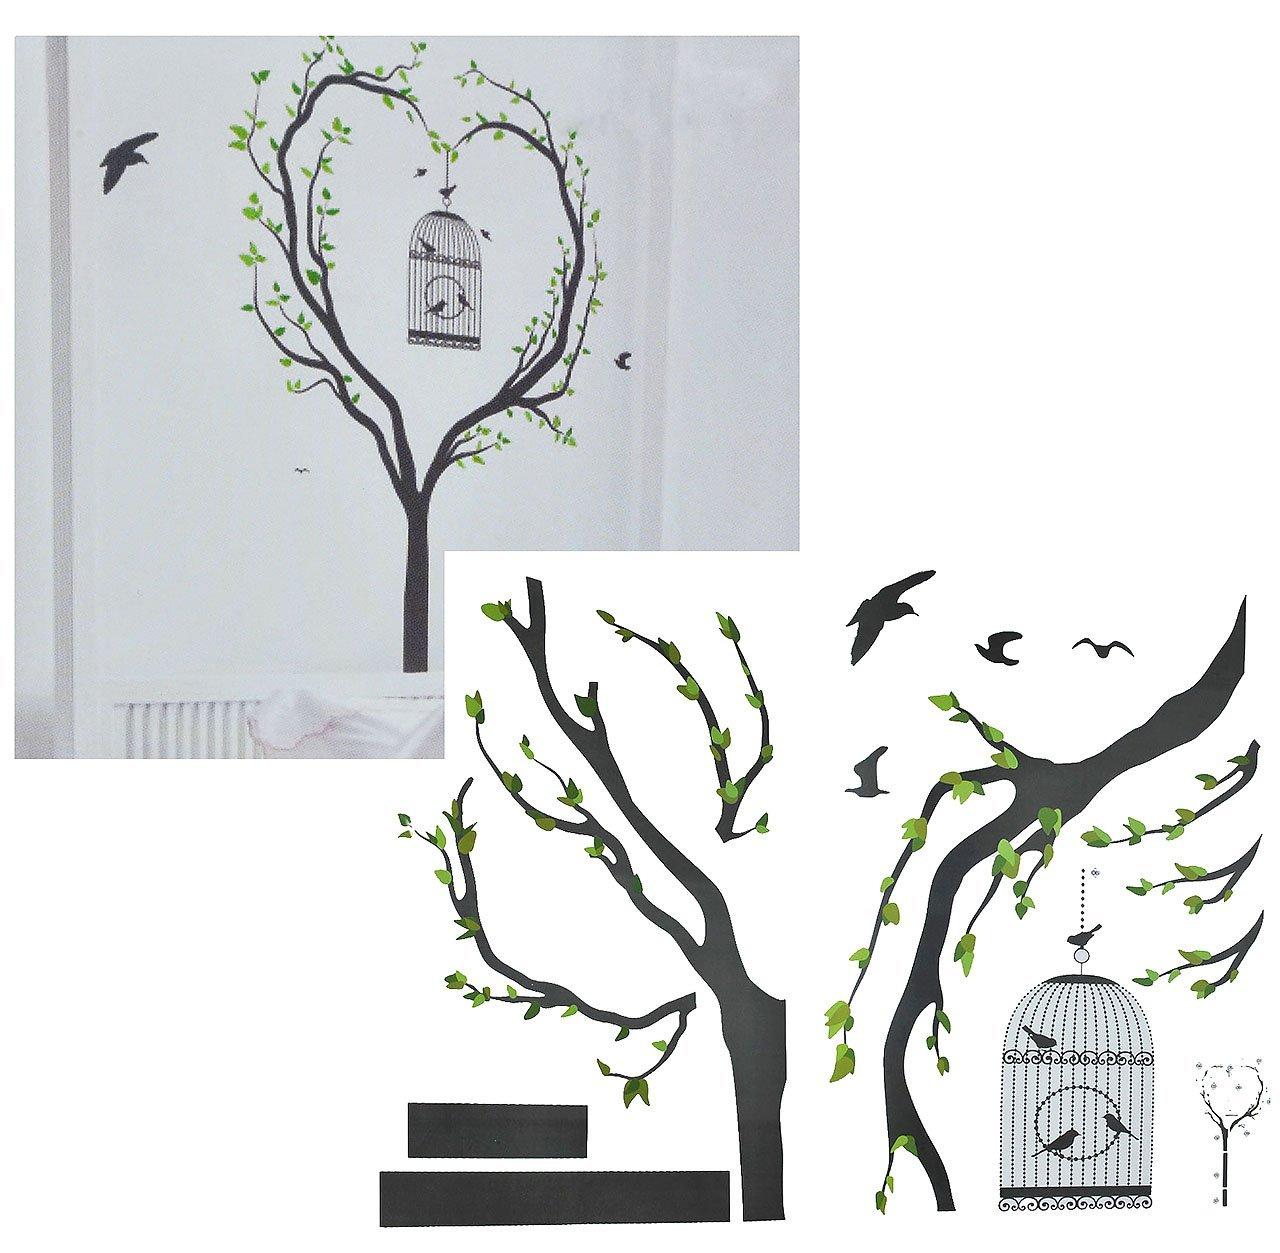 Bezaubernd Wandsticker Baum Sammlung Von Xxl Wandtattoo / Sticker - Vogelkäfig Mit